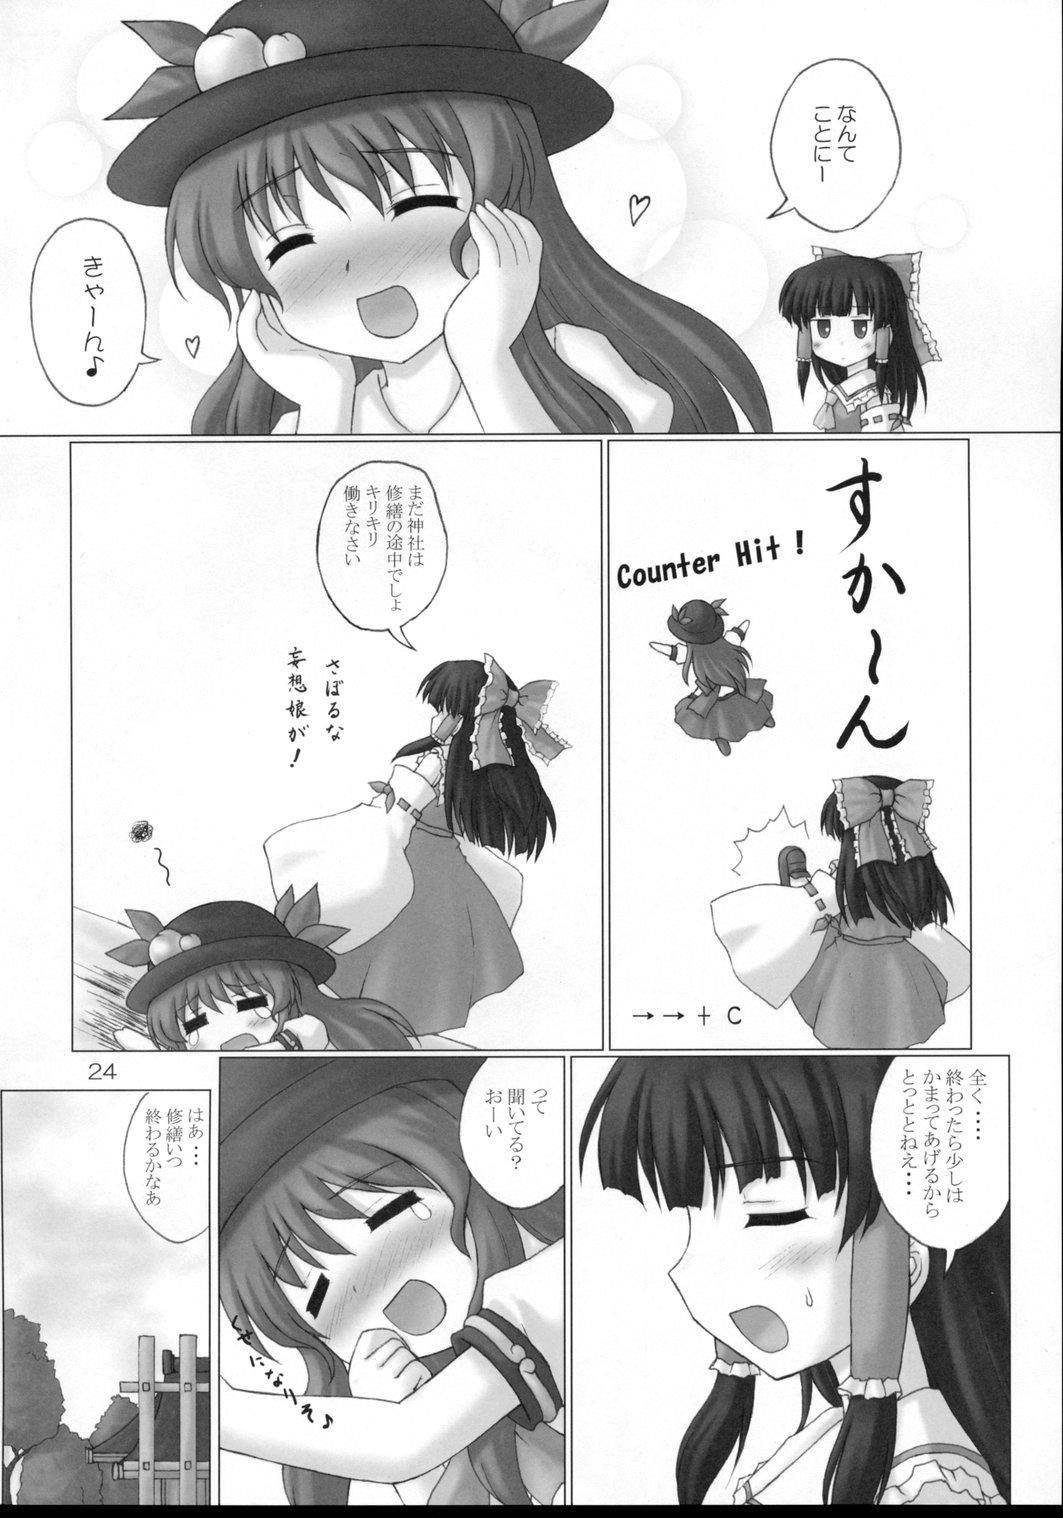 Tenshi no Kaikata Shitsukekata 22